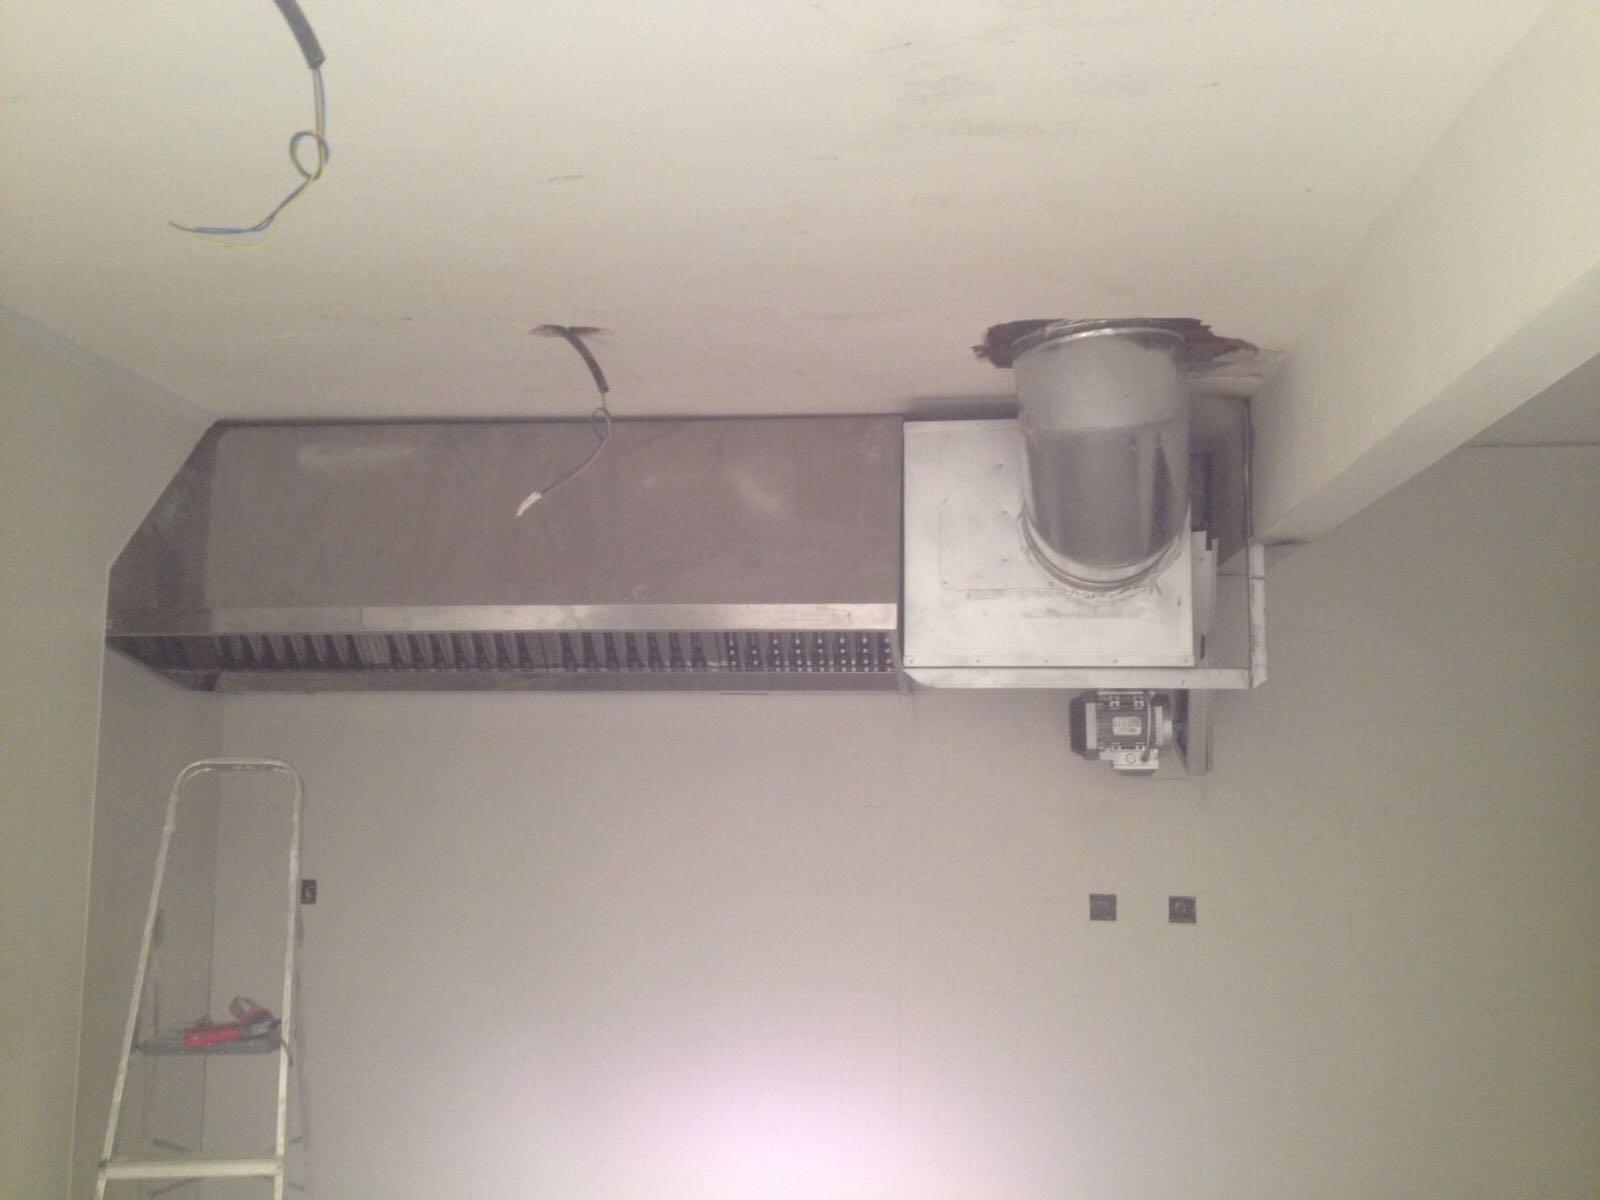 Salida de gases humos y aire de locales talleres taller - Salida de humos cocina normativa ...